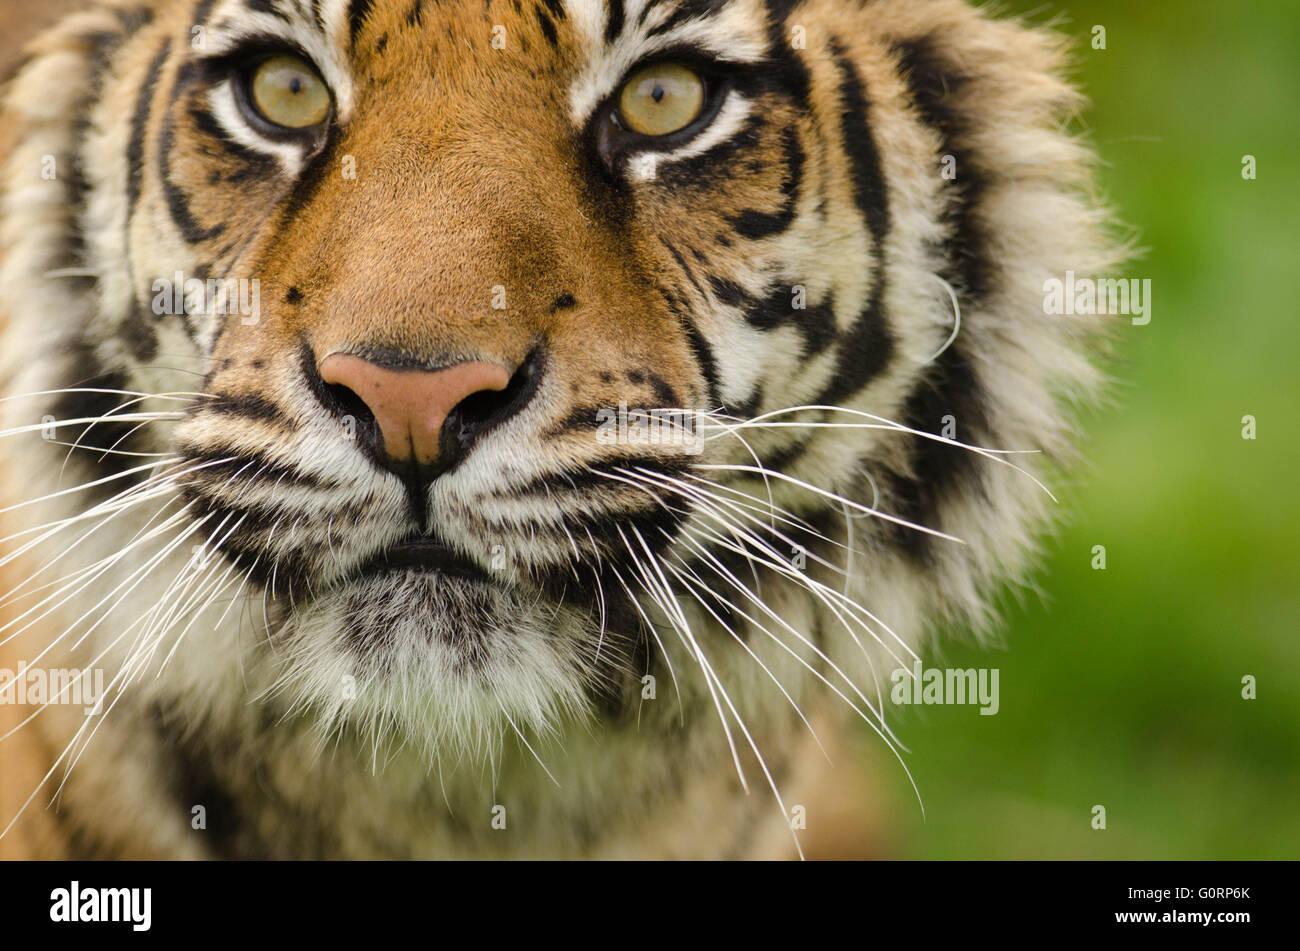 Sumatran Tiger (Panthera tigris sumatrae) taken under controlled conditions at Wildlife Heritage Foundation Smarden - Stock Image